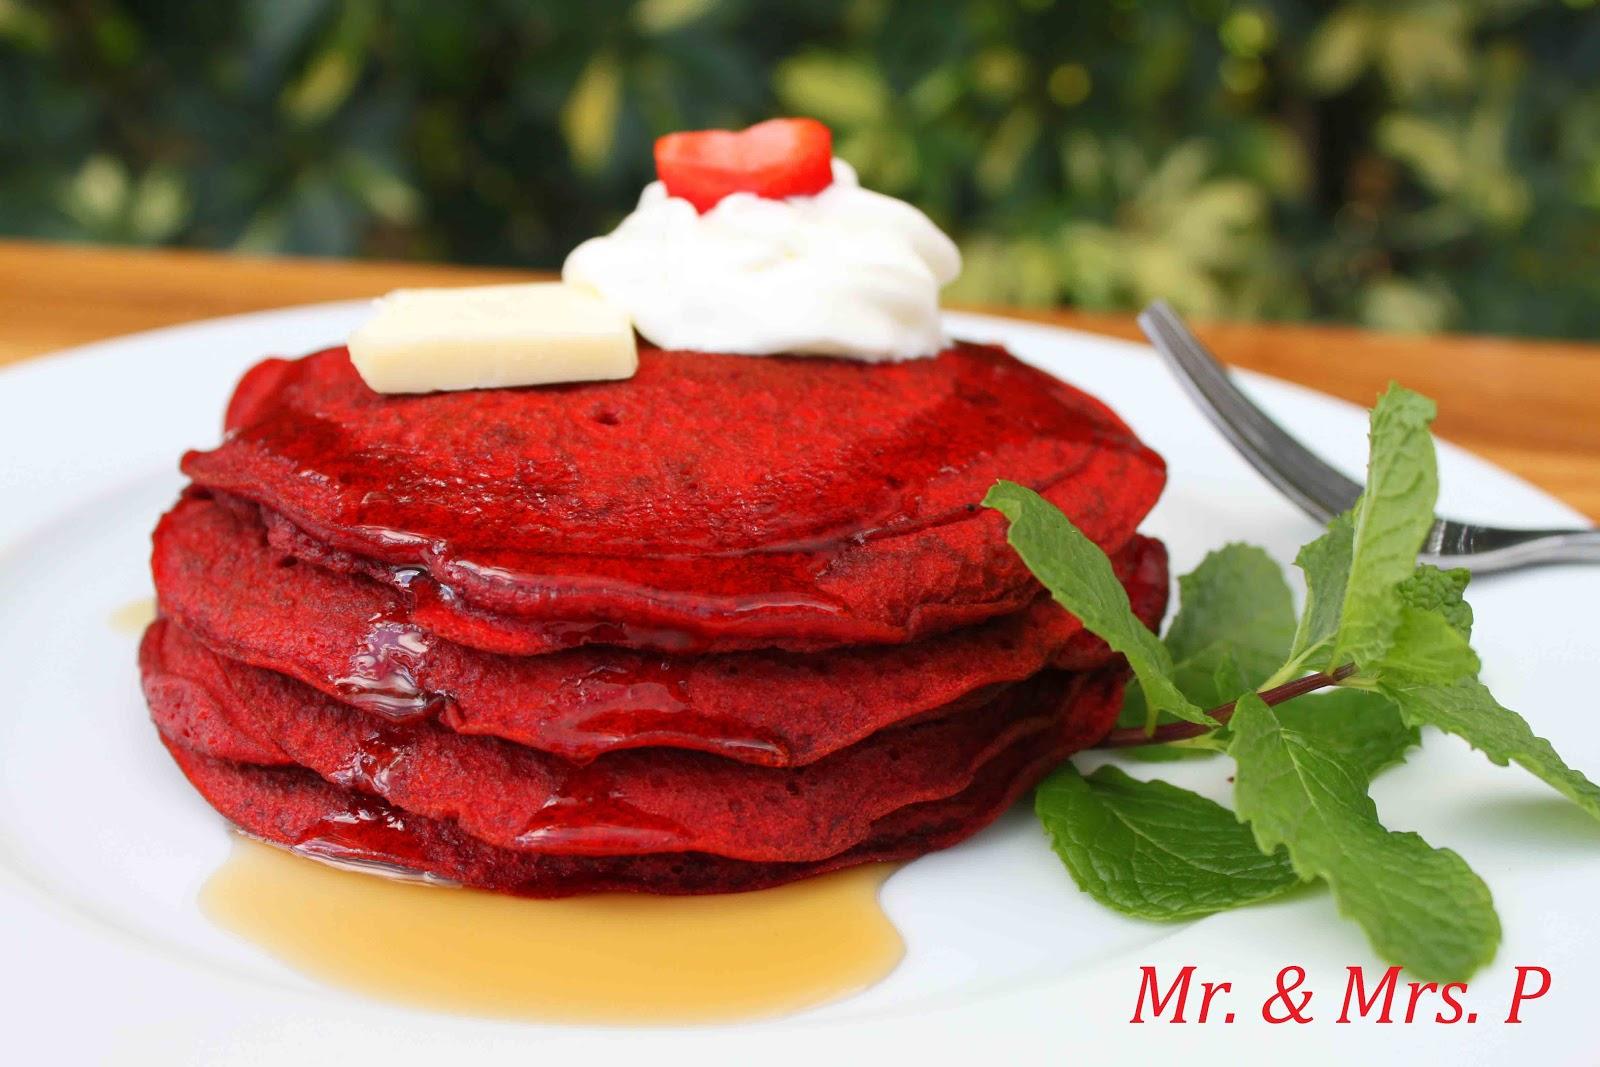 Mr. & Mrs. P: Red Velvet Pancakes